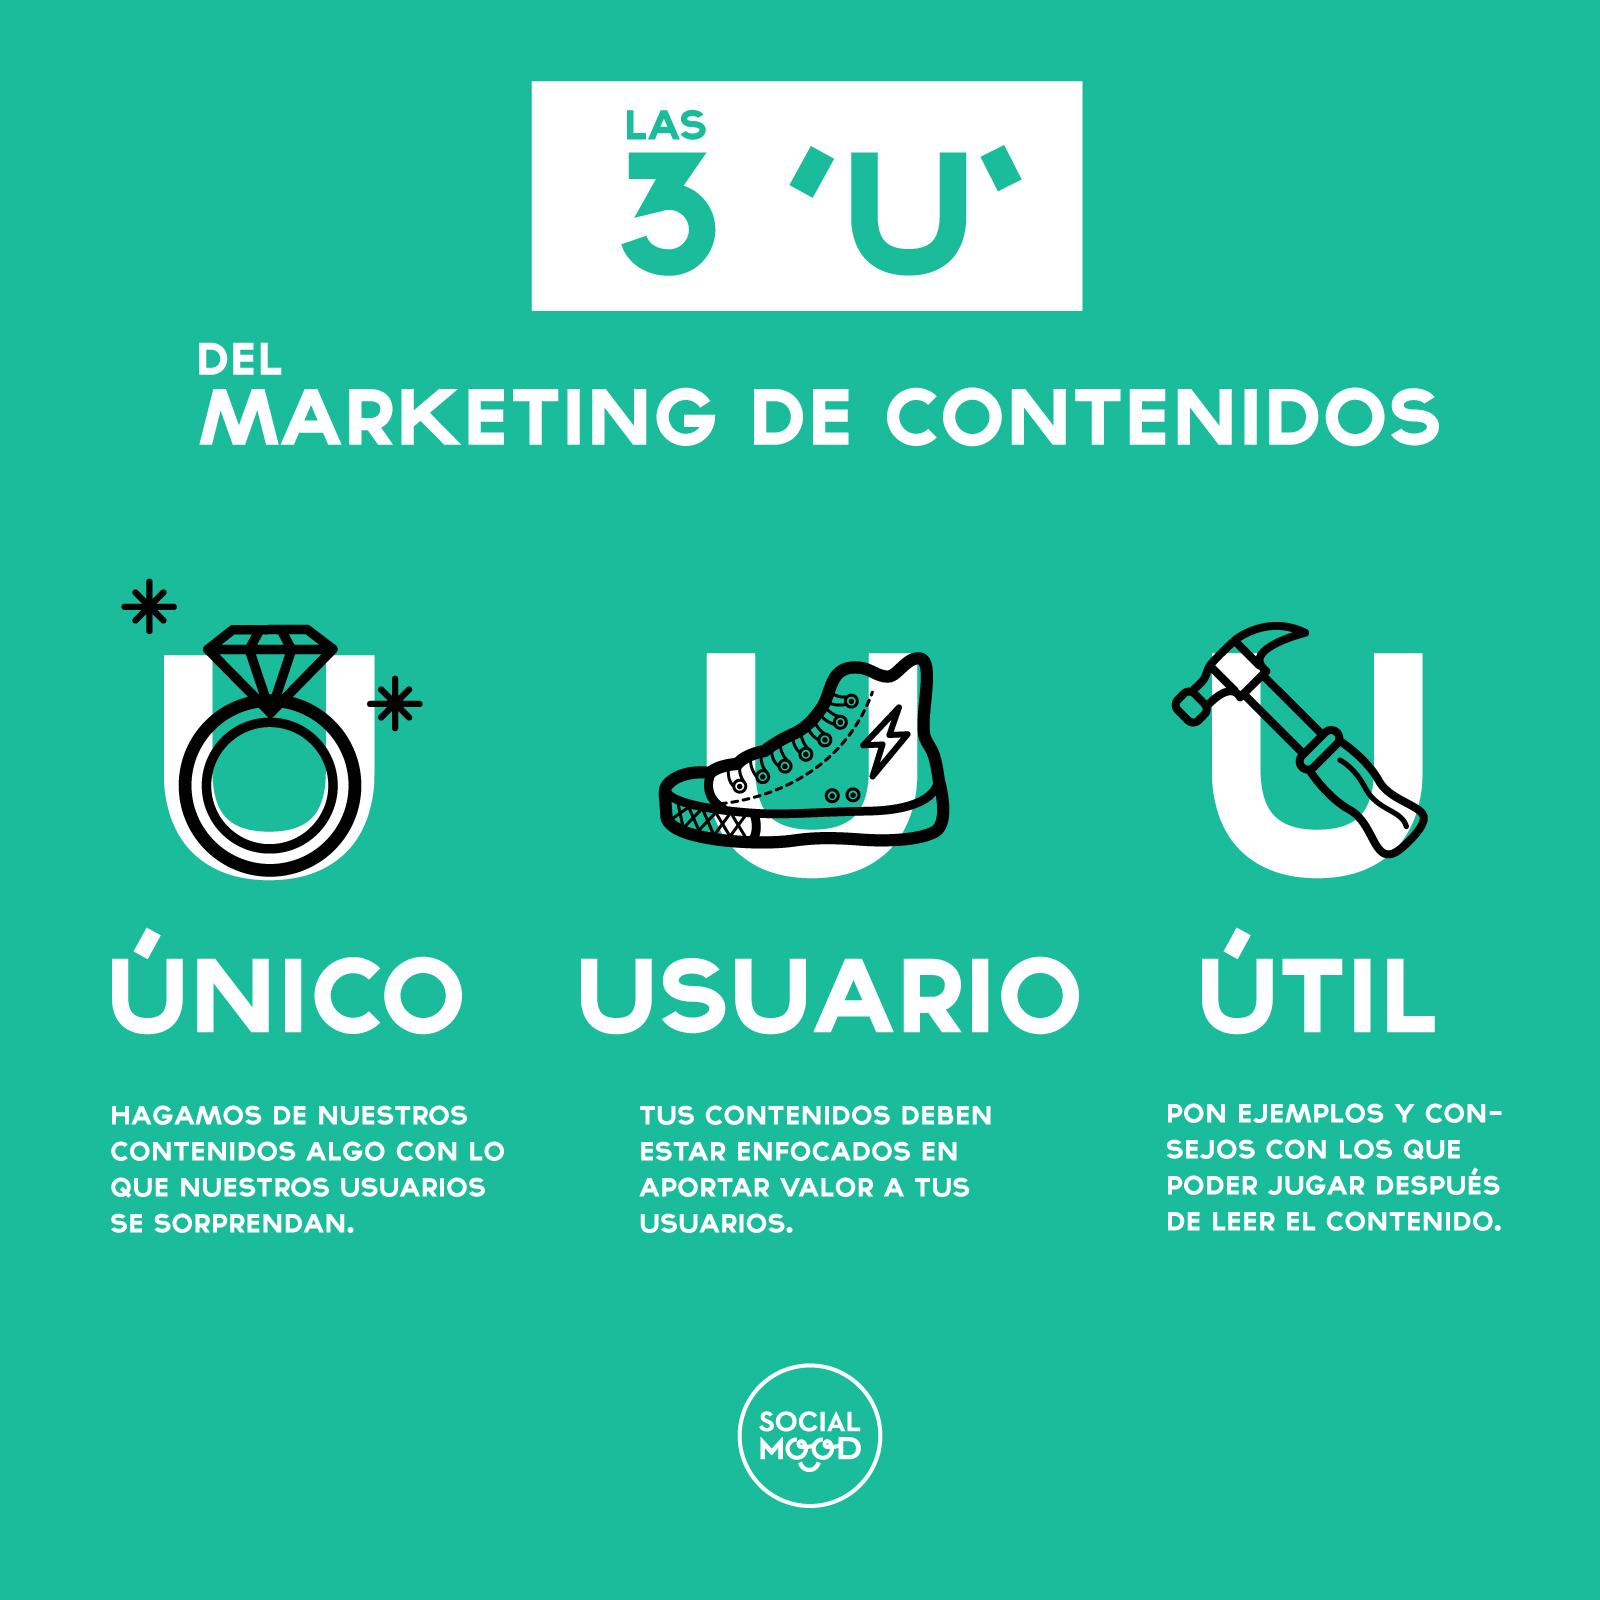 Marketing de Contenidos y sus 3 «U»